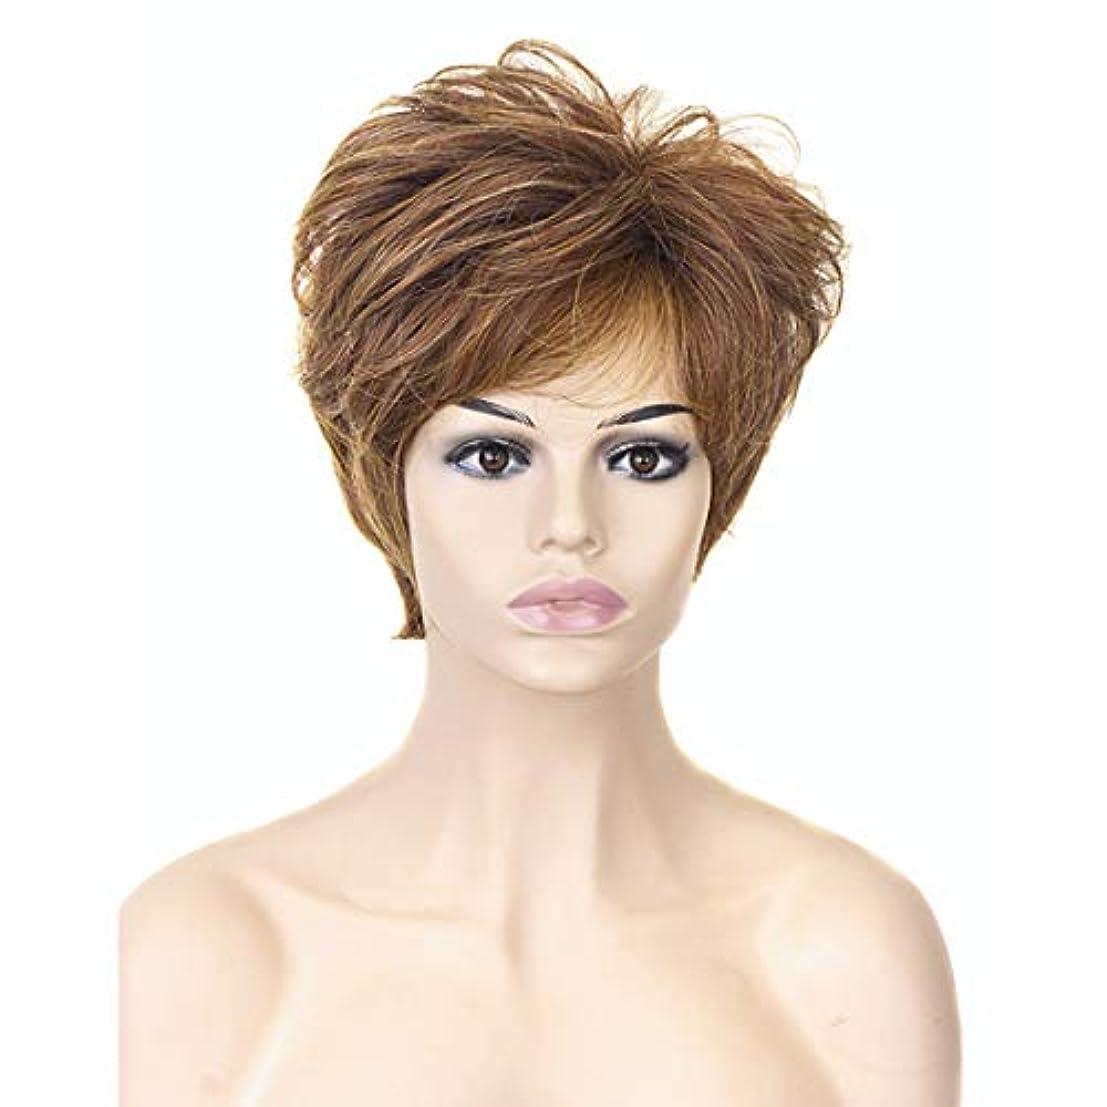 ピースクリスチャンハプニングYOUQIU 女性の耐熱ウィッグナチュラルヘアウィッグのためのブロンド10